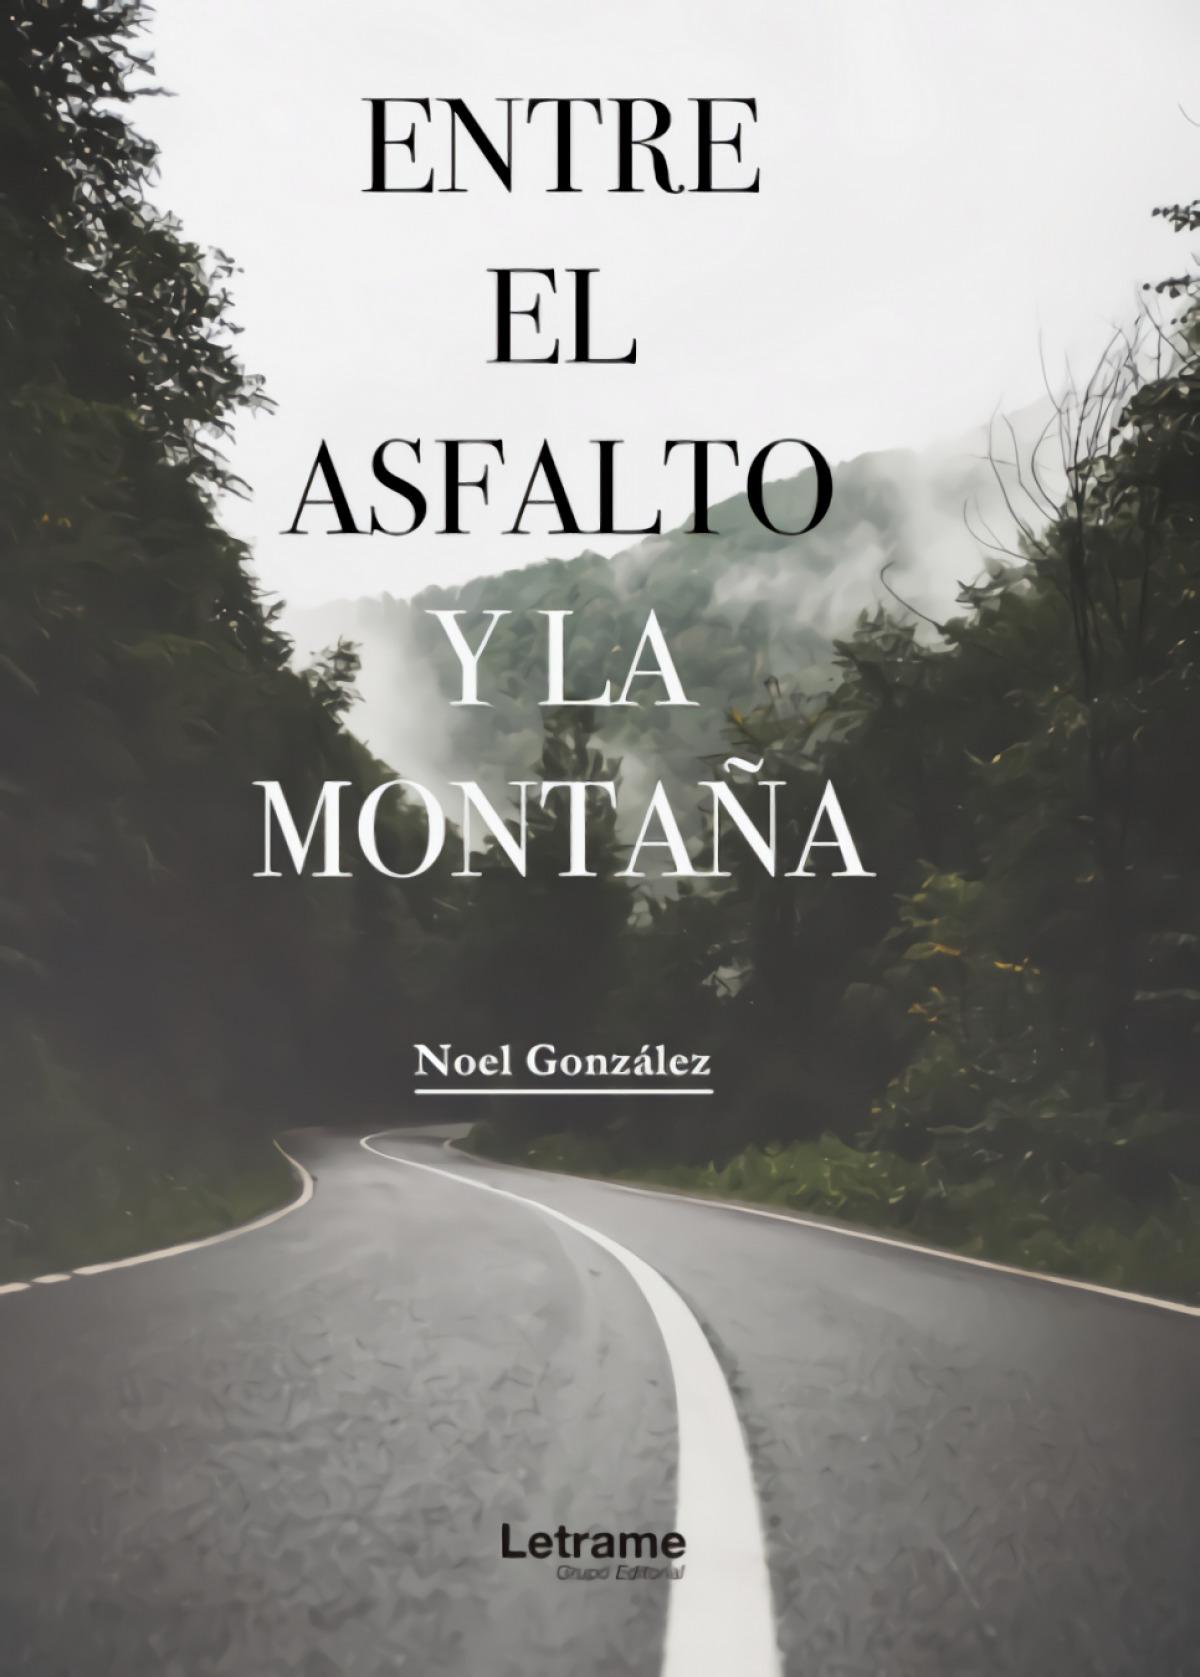 Entre el asfalto y la montaña